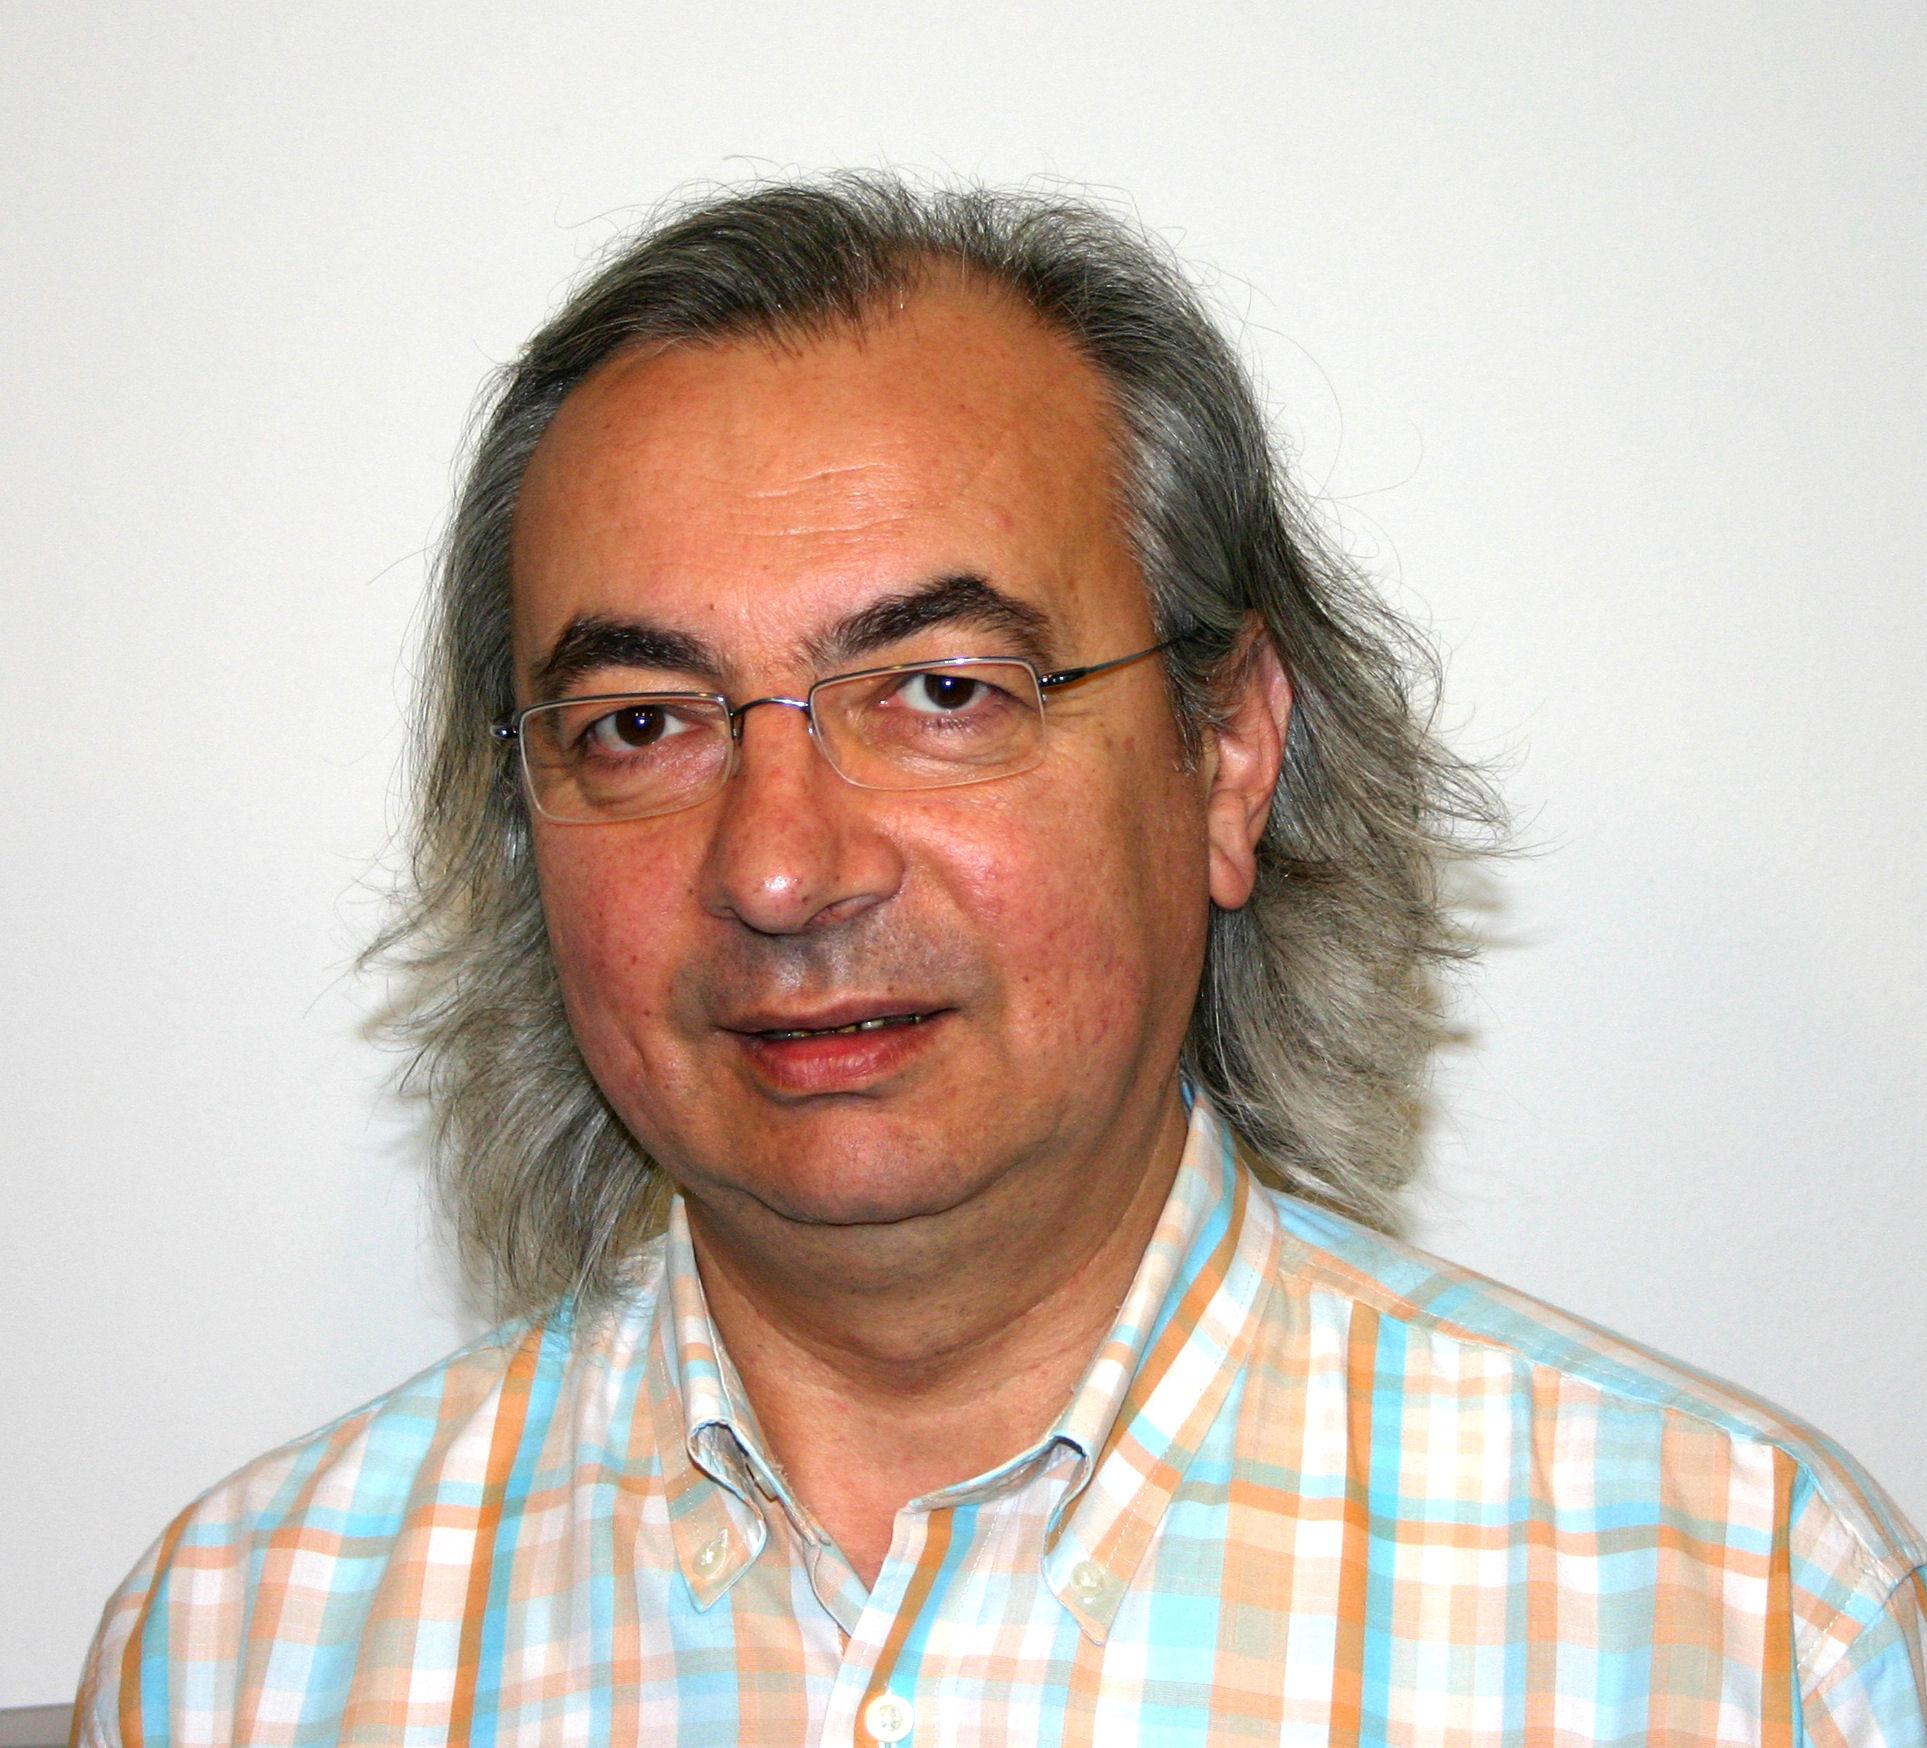 Livio Furlan